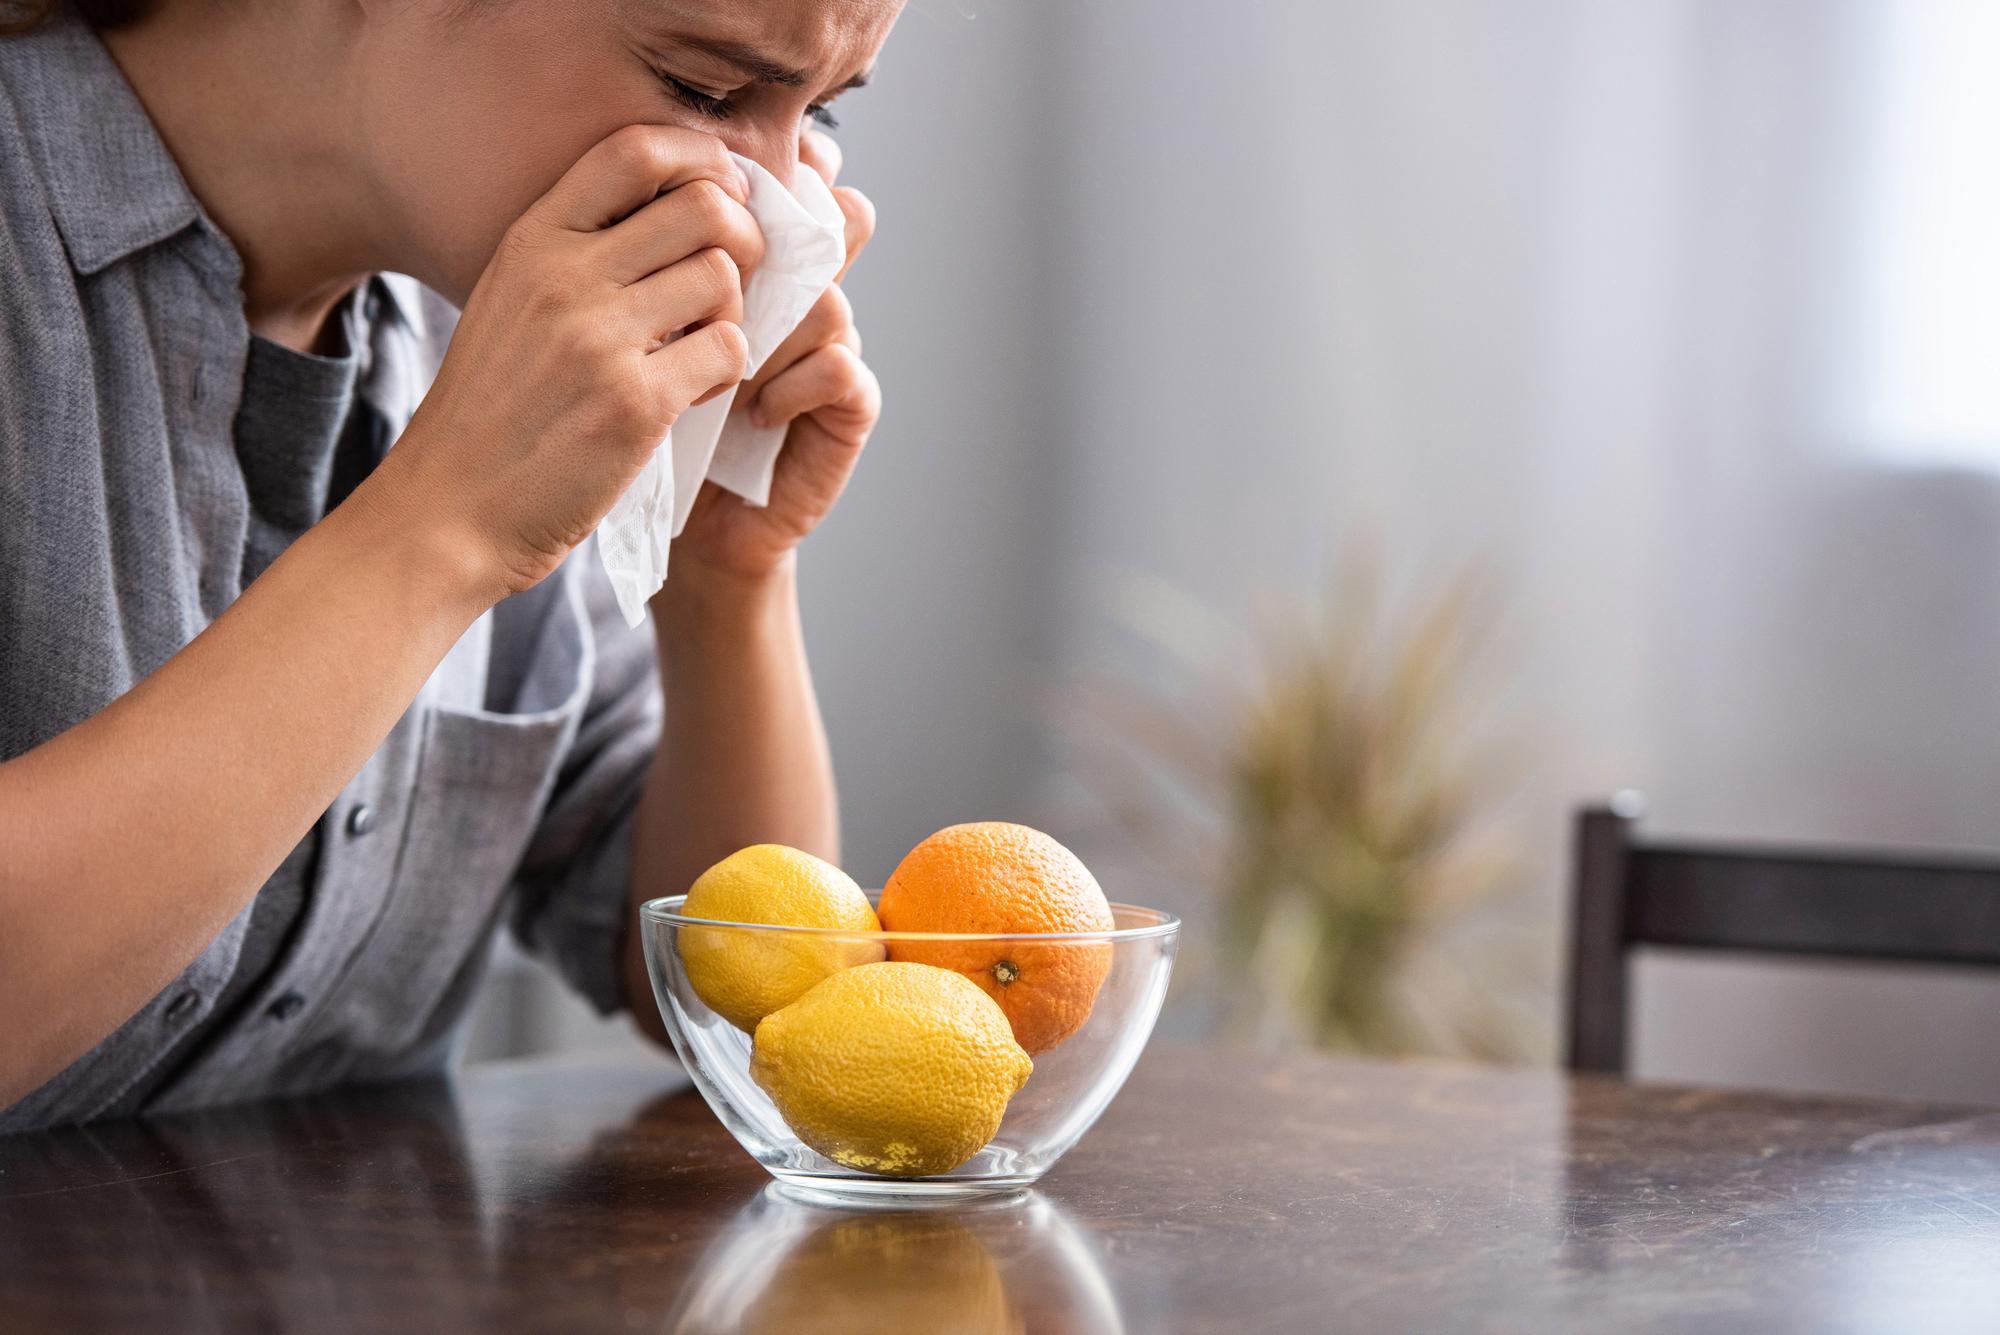 Как питаться во время простуды: советы диетолога